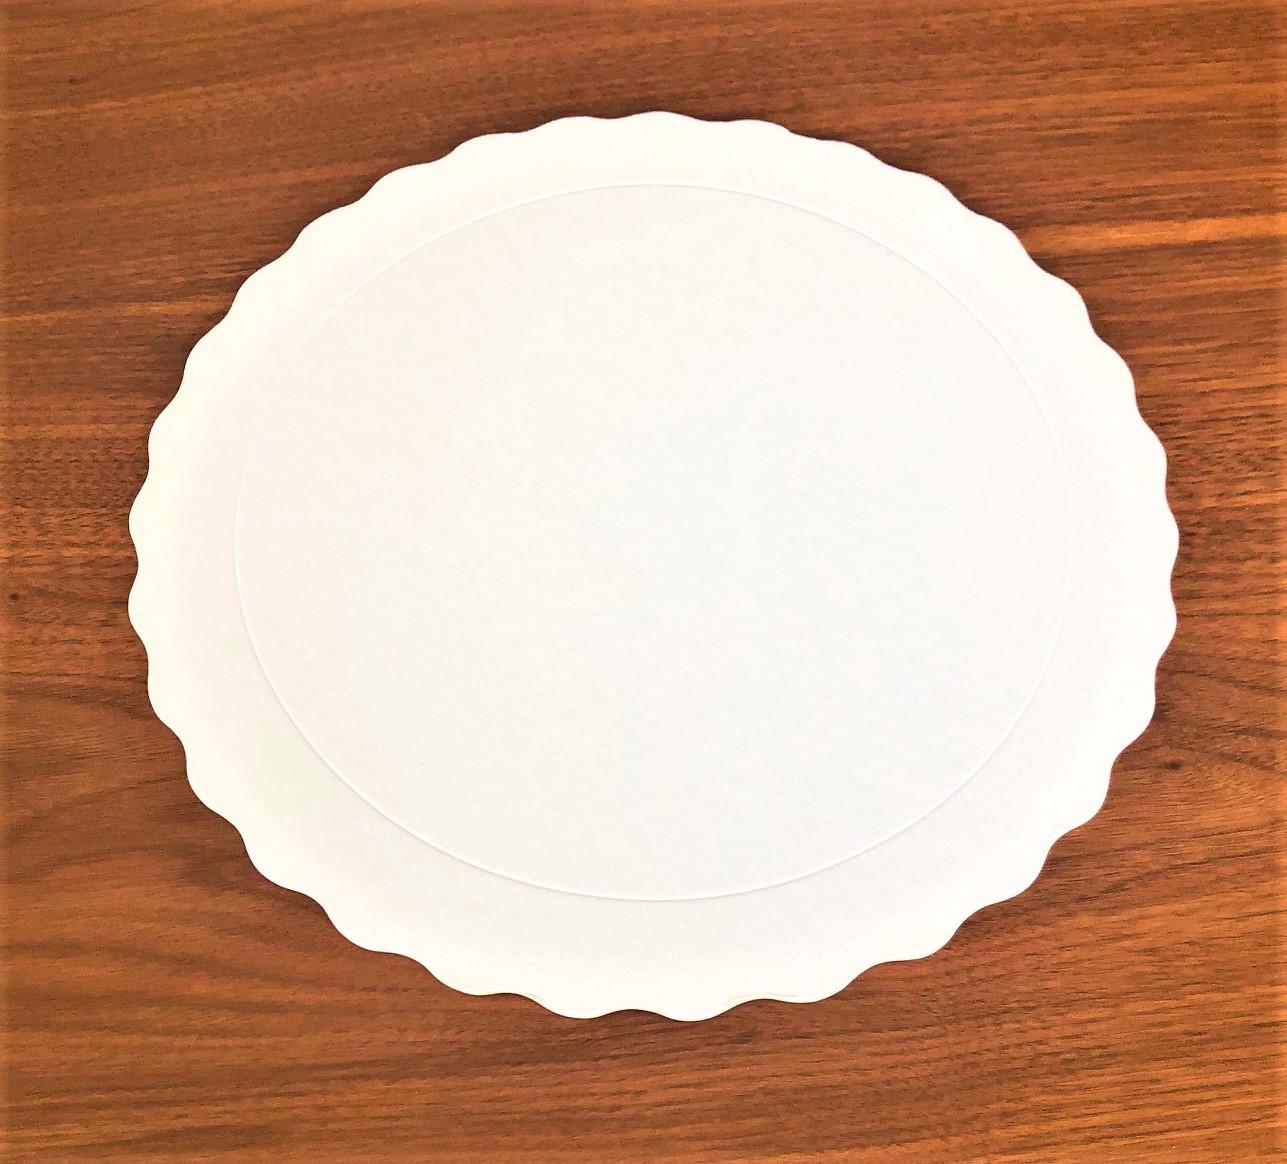 50 Bases Laminadas Para Bolo Redondo, Cake Board 23cm - Branco